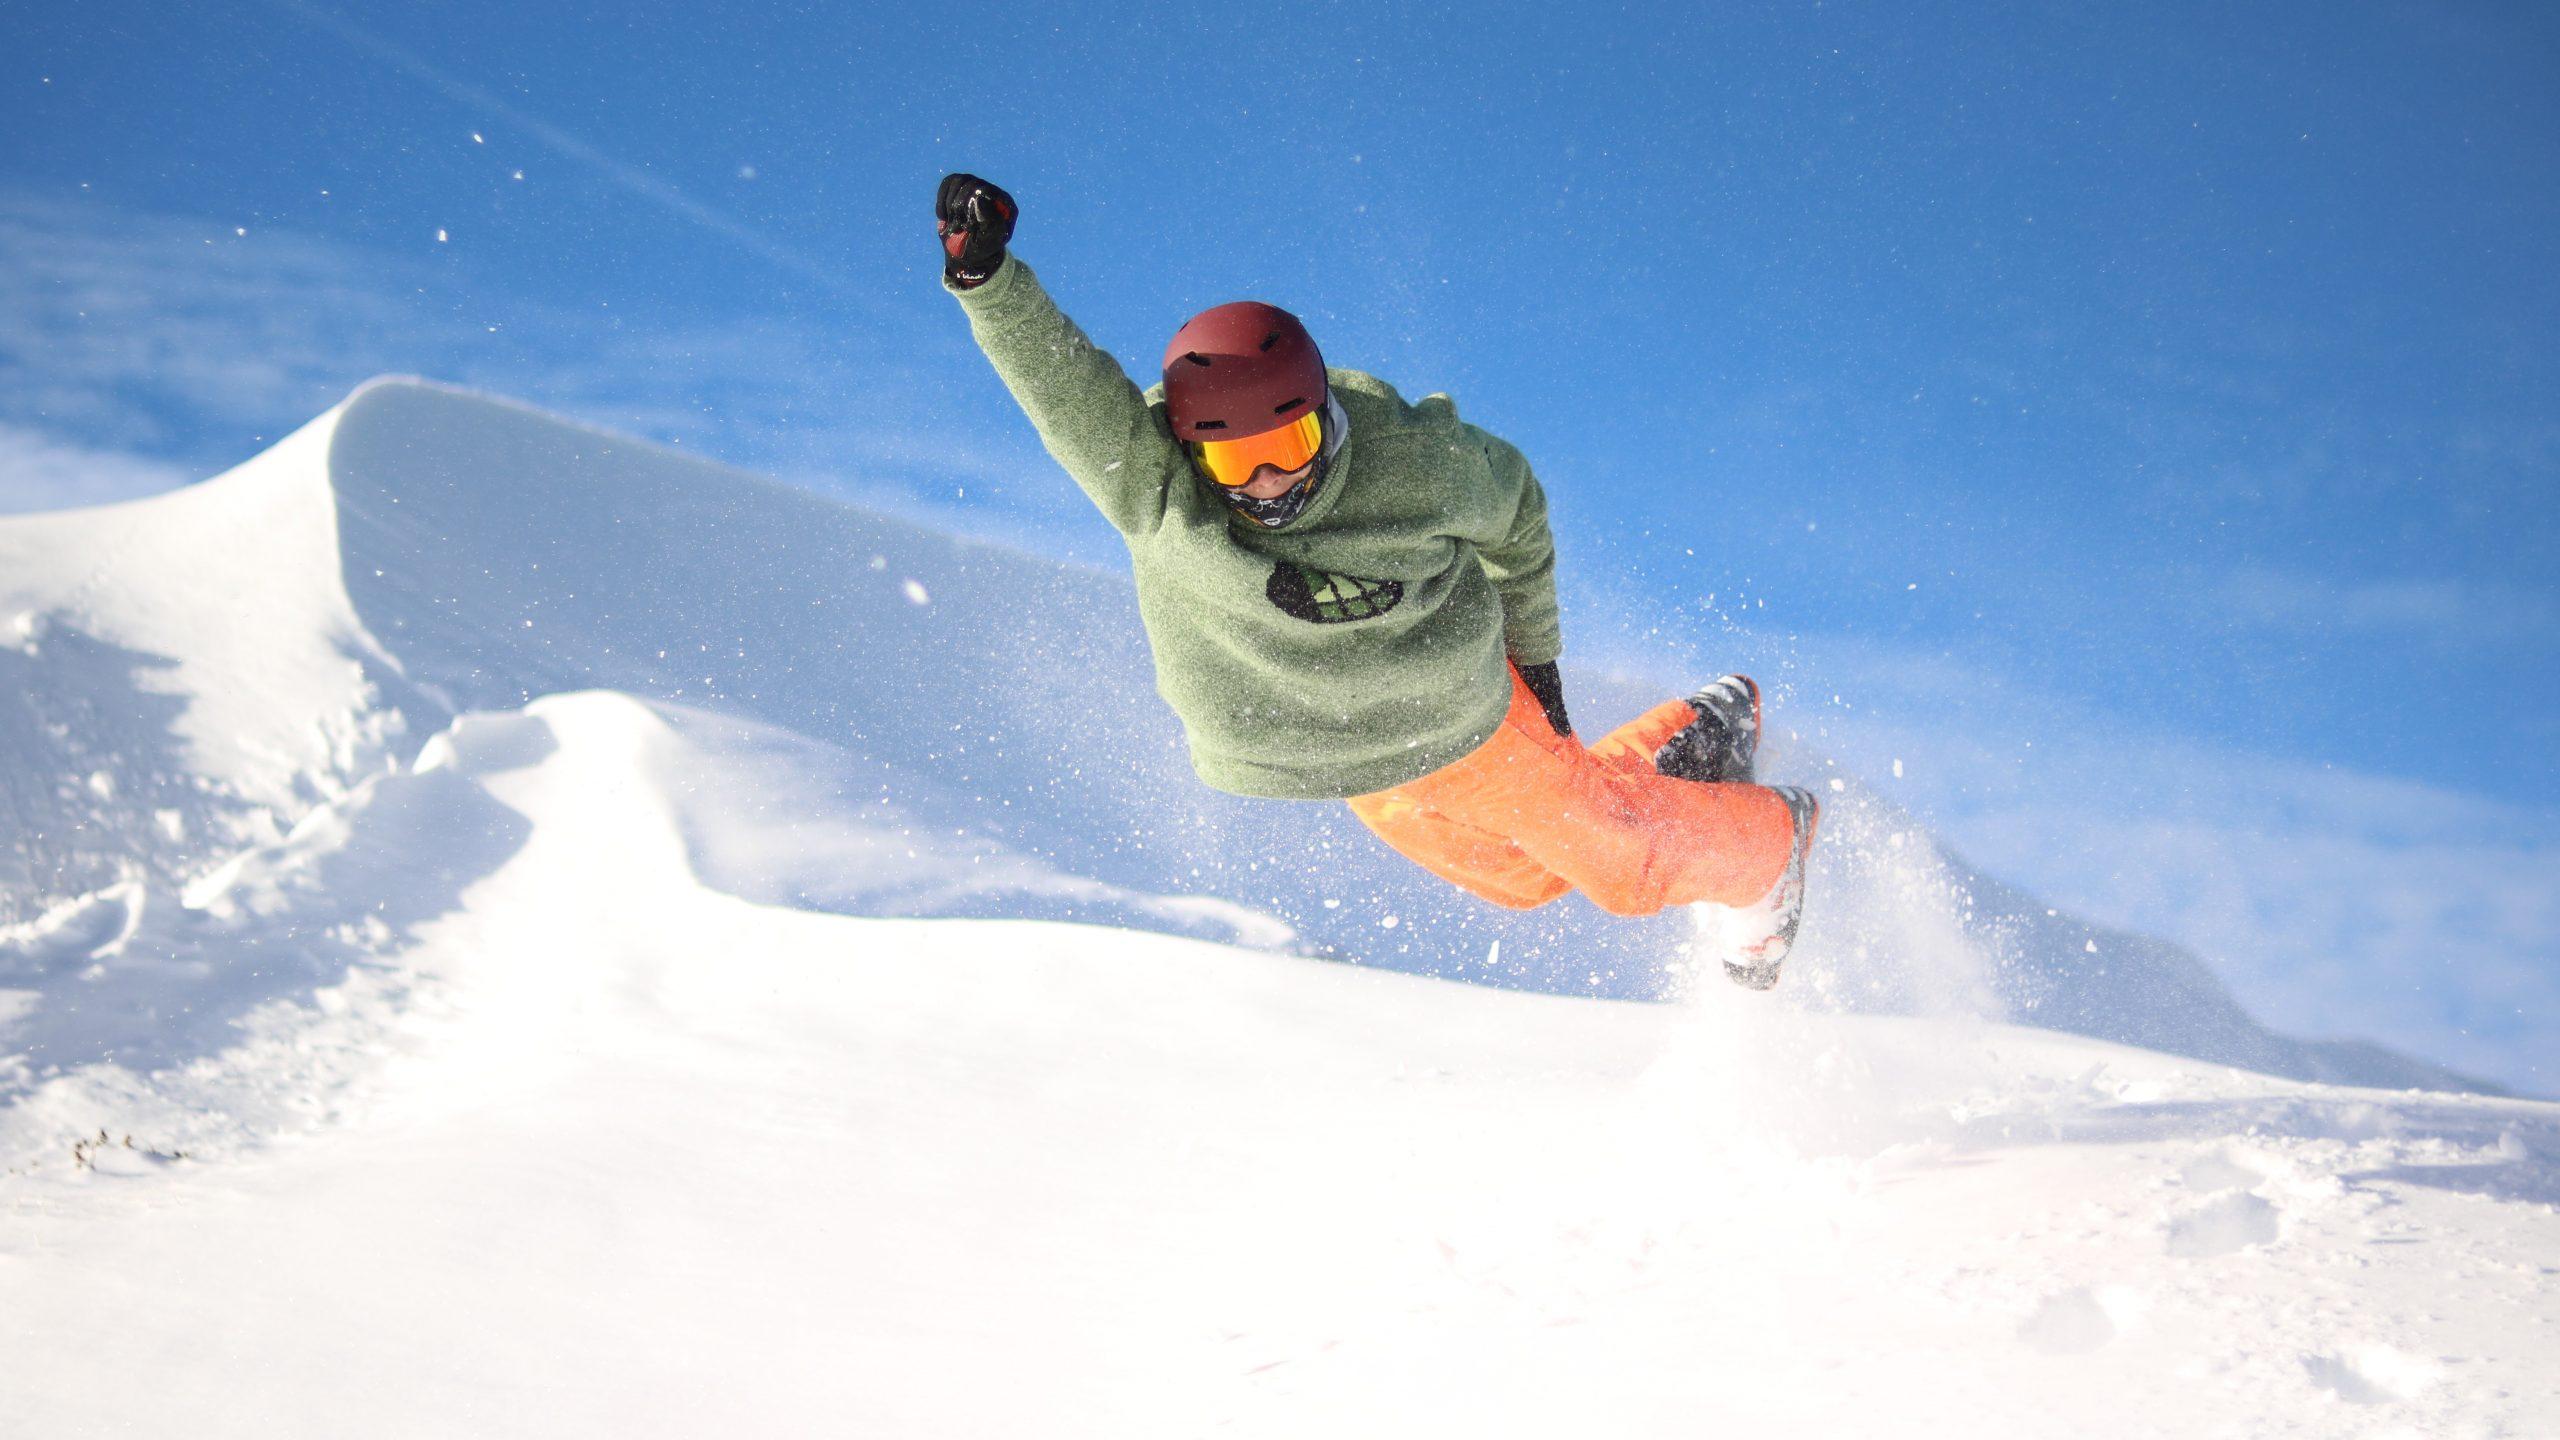 Ski- oder Snowboard fahren